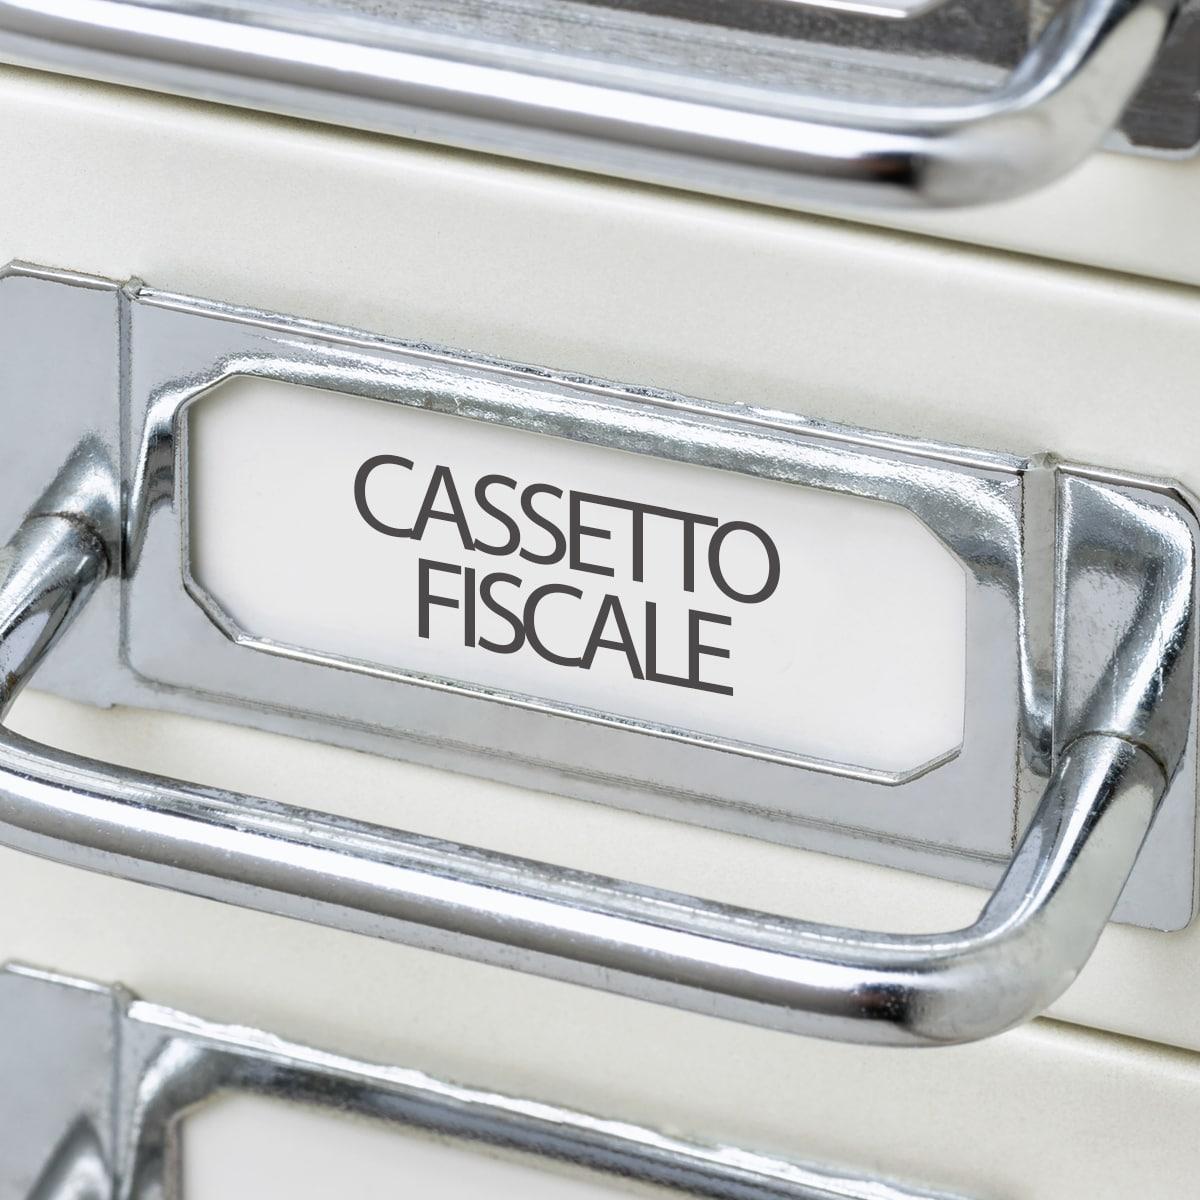 Cosa è e come si usa il cassetto fiscale